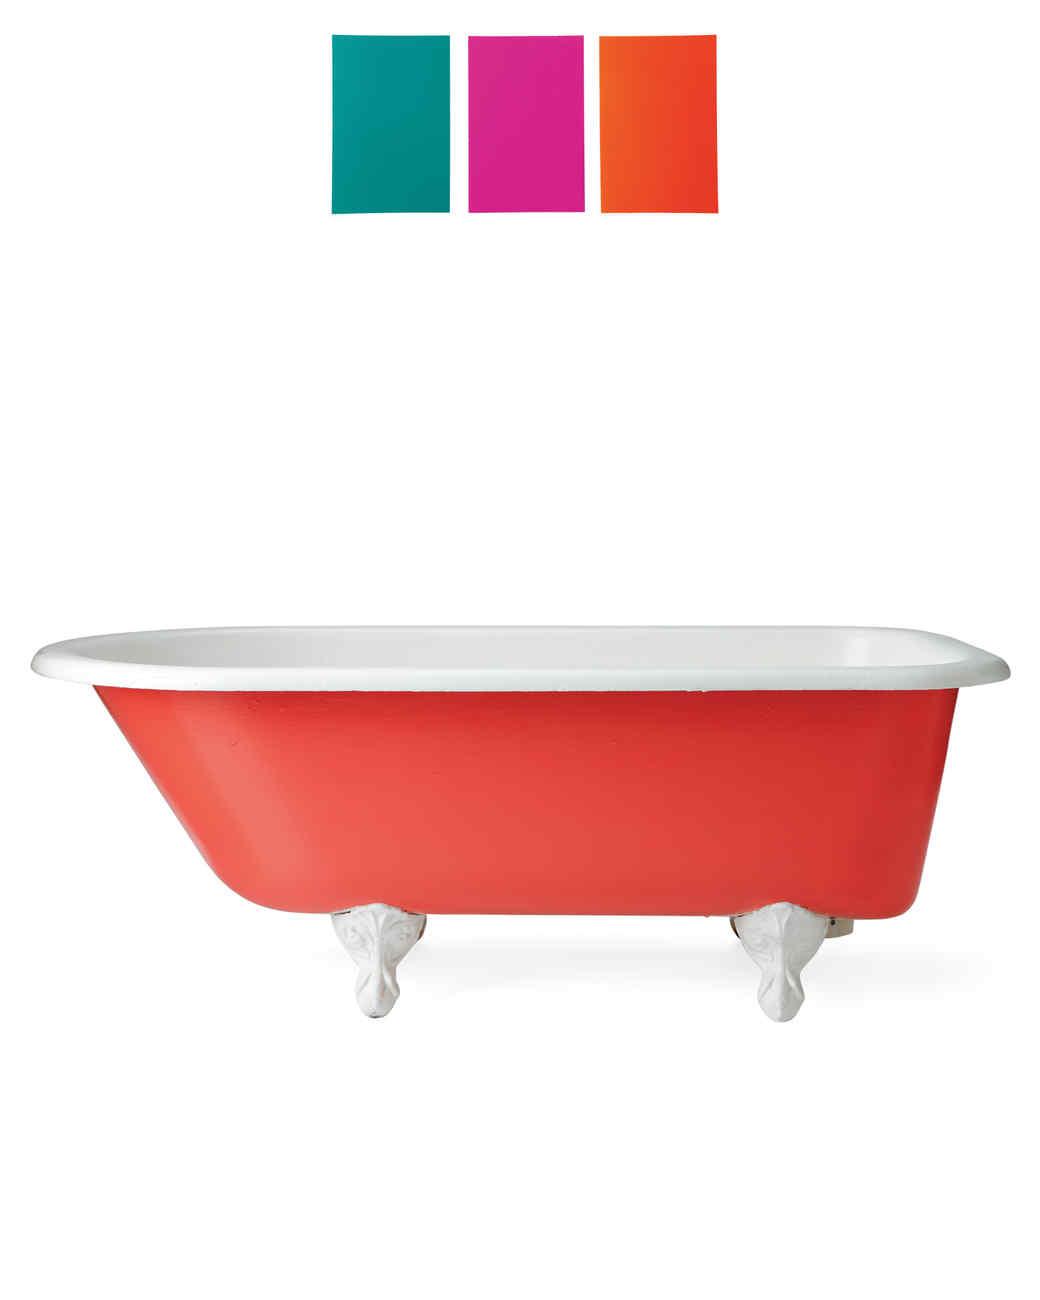 colorblocked-bathtub-mld108526.jpg